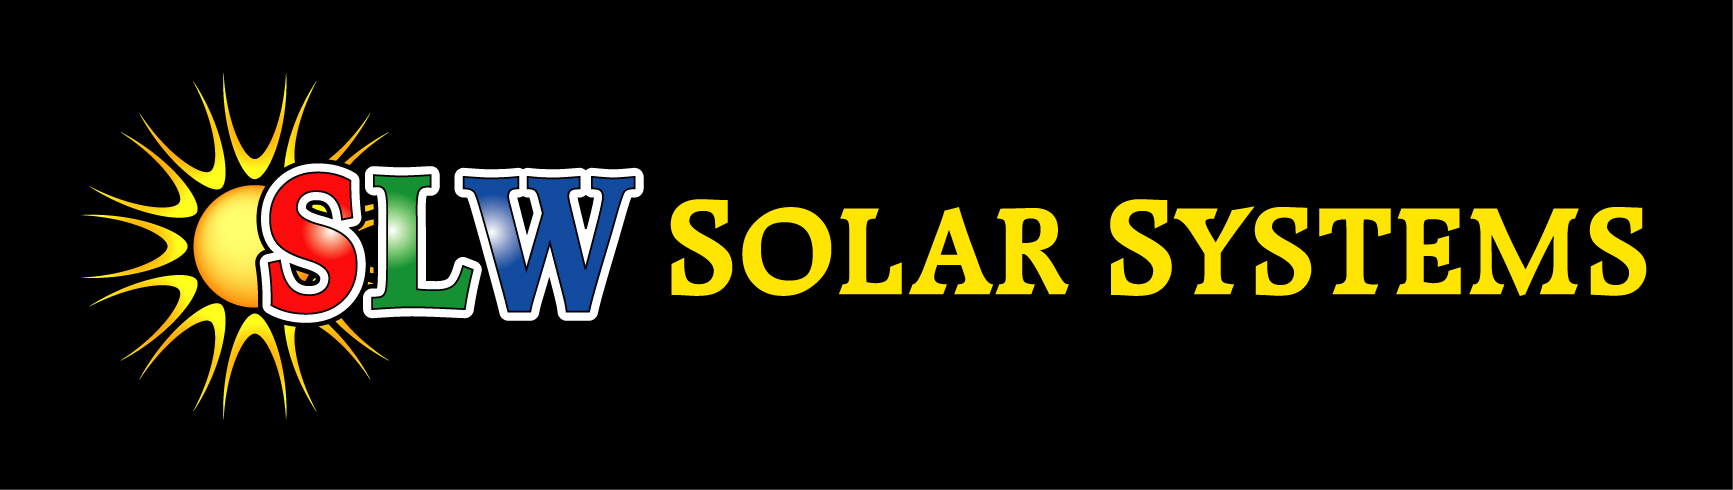 slw-solar-systems-final.jpg